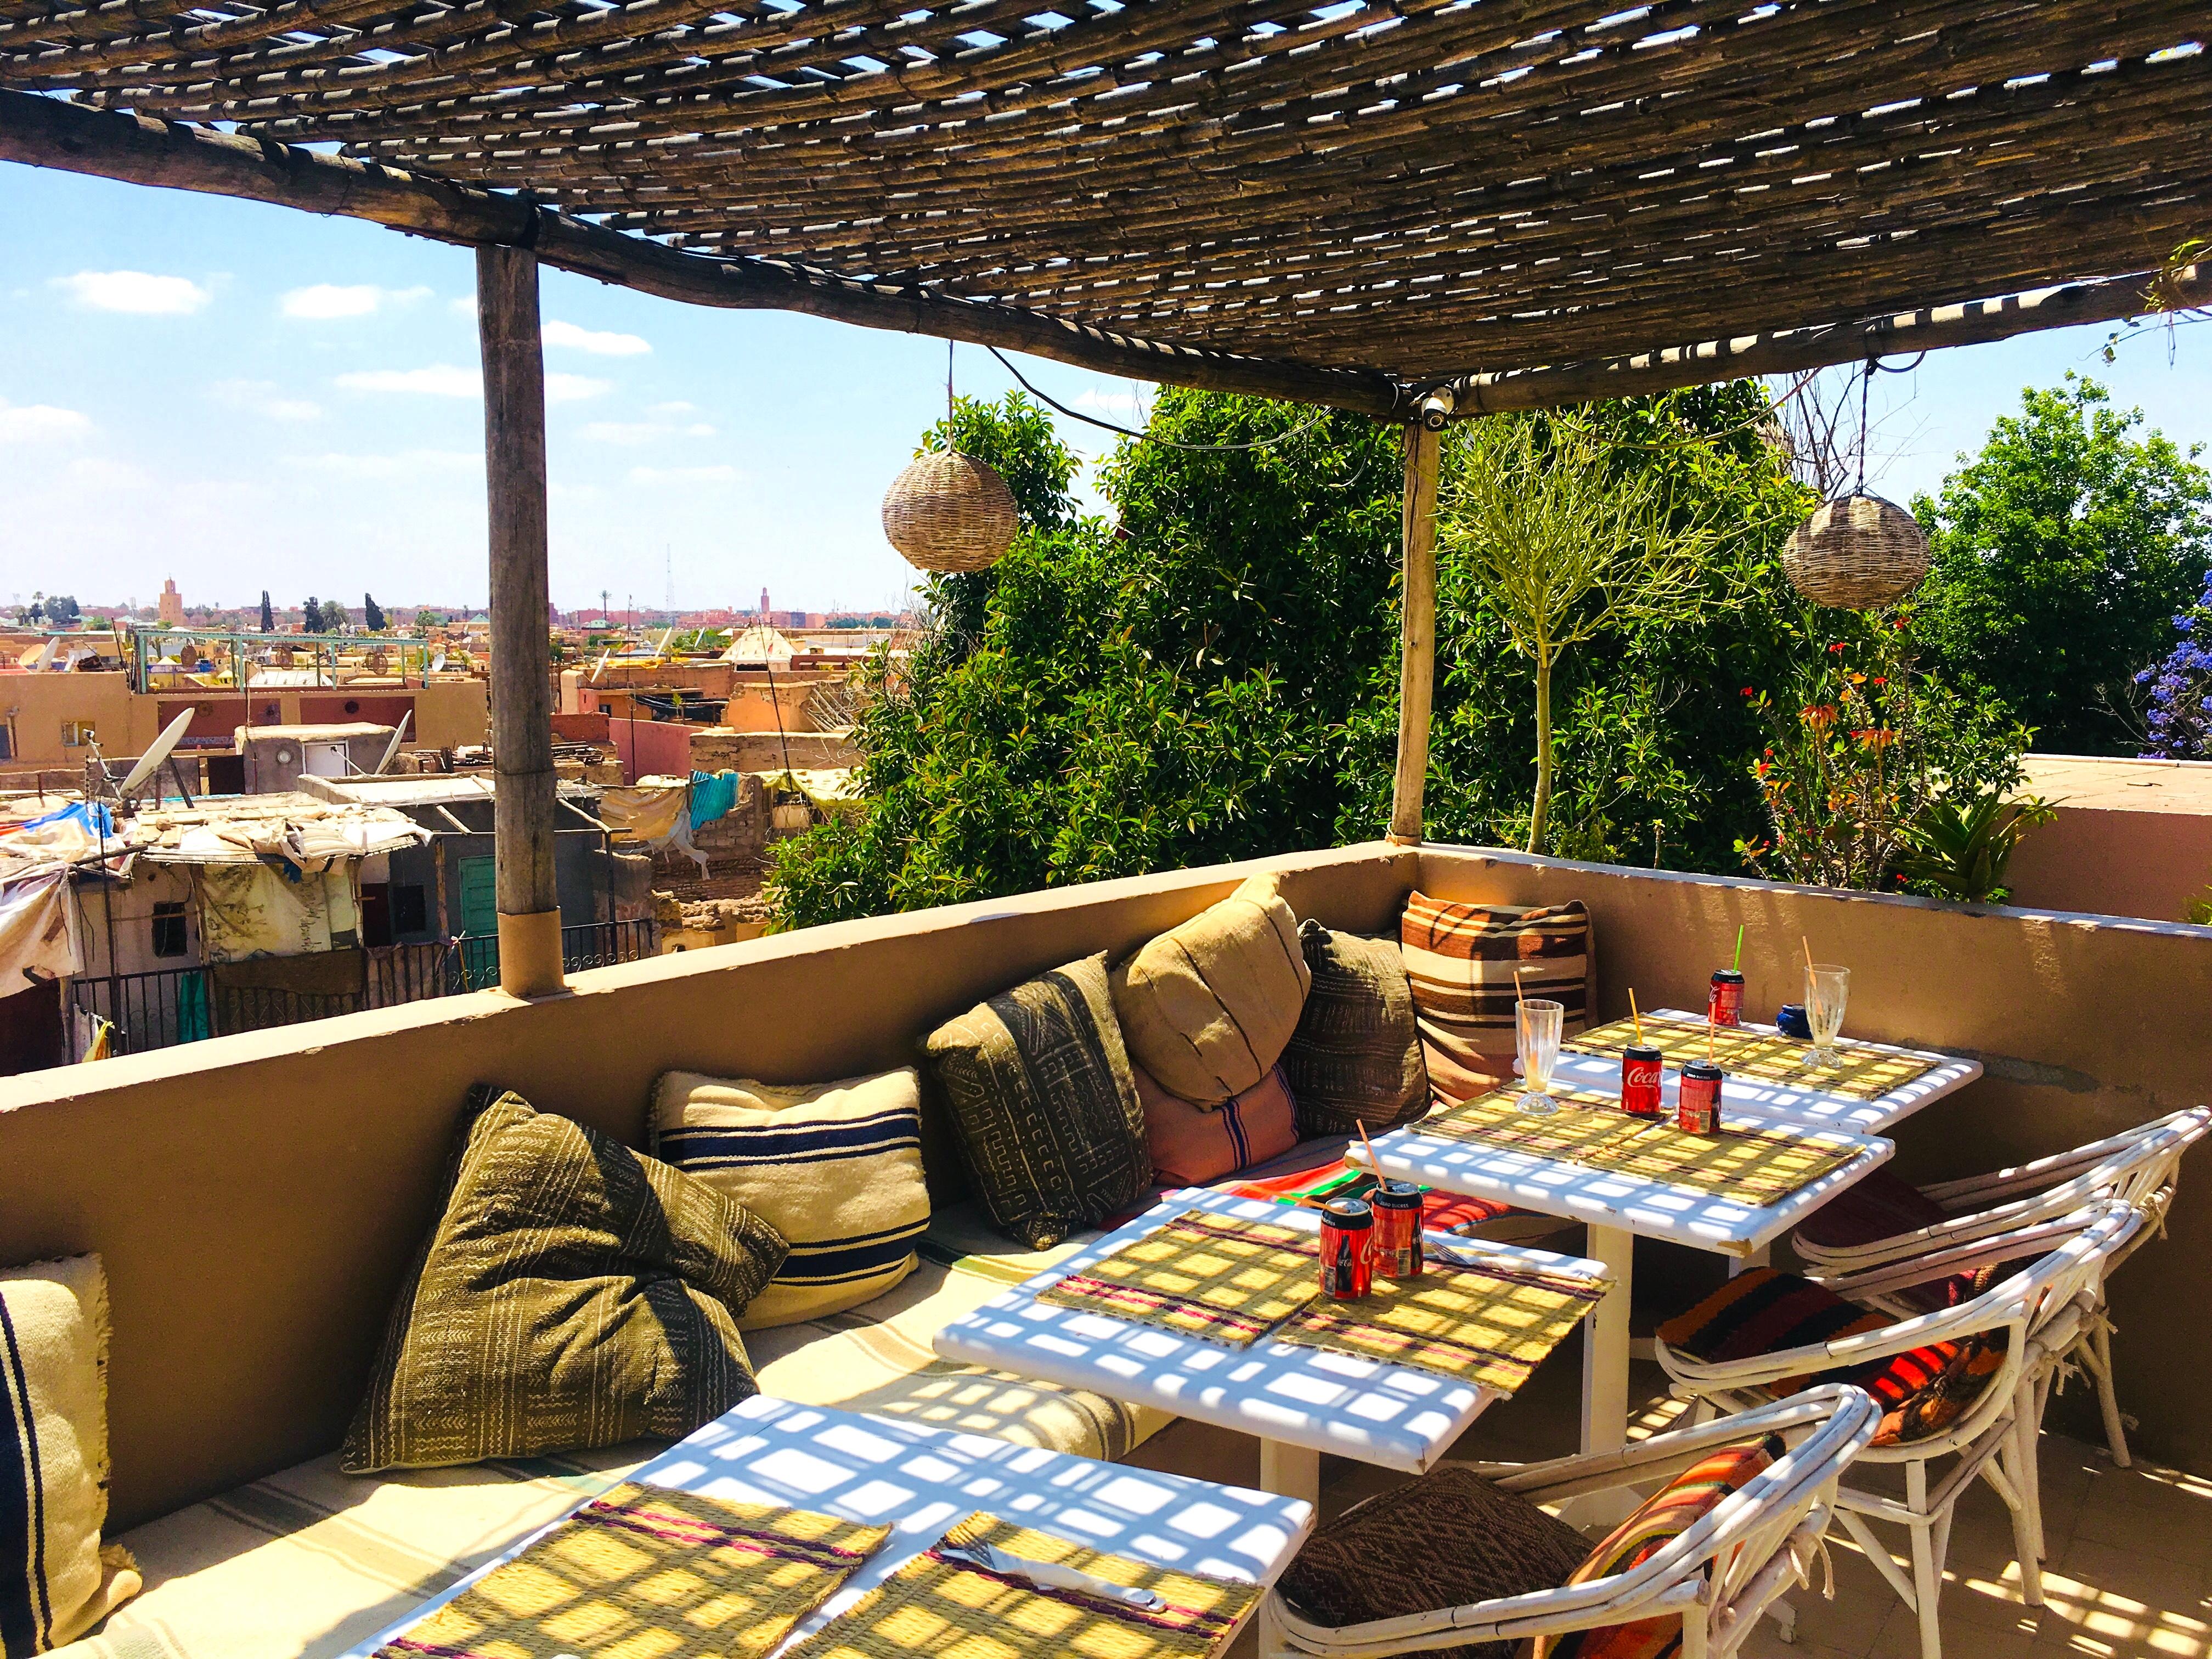 Atay Food Café in Marrakech